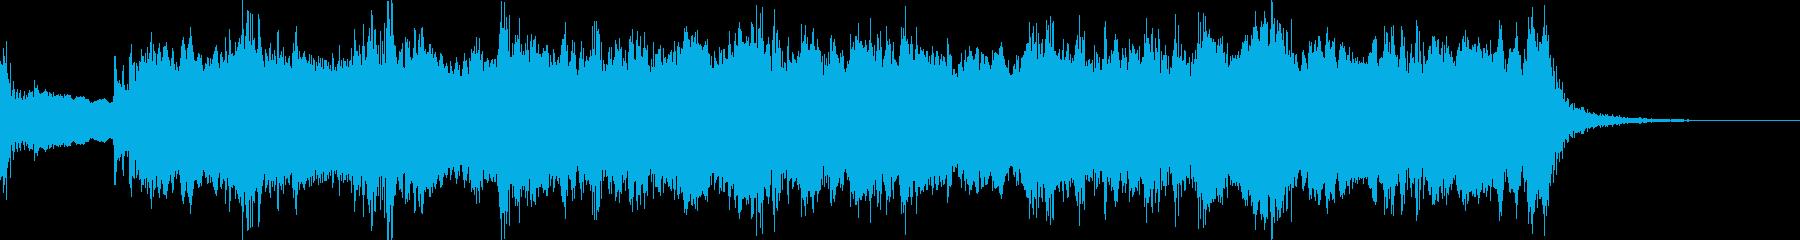 物語の開始をイメージしたストリングスの再生済みの波形